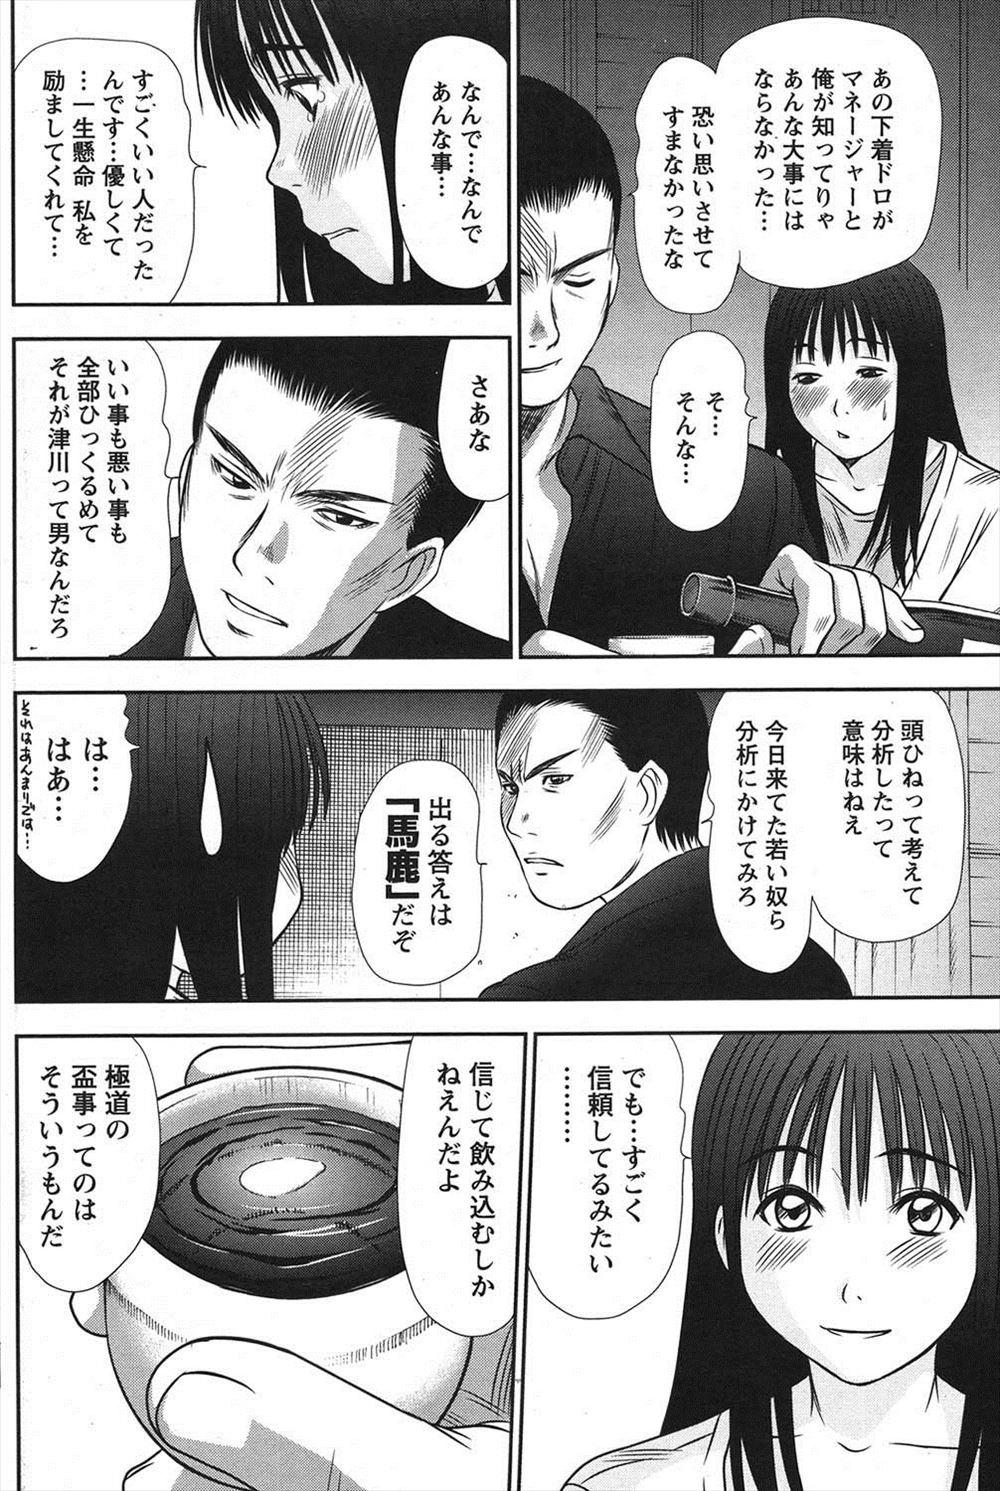 【エロ漫画同人誌】マネージャーに犯されかけた美少女アイドルがヤクザの男に助けられて抱いてもらう展開に♡ 012